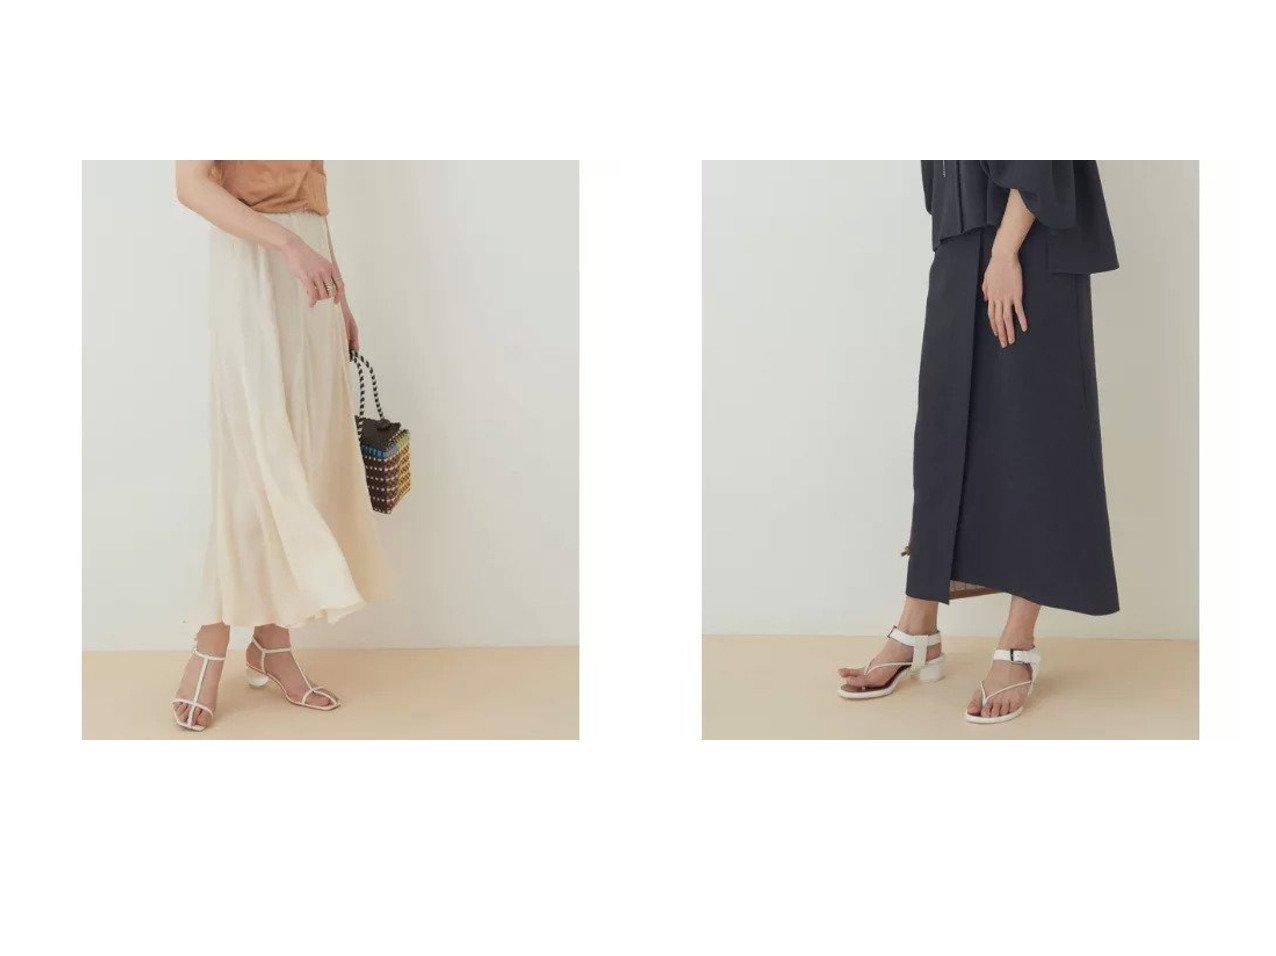 【ADAM ET ROPE'/アダム エ ロペ】のキュプラマーメイドフレアスカート&【セットアップ対応】リネンライクスカート スカートのおすすめ!人気、トレンド・レディースファッションの通販 おすすめで人気の流行・トレンド、ファッションの通販商品 メンズファッション・キッズファッション・インテリア・家具・レディースファッション・服の通販 founy(ファニー) https://founy.com/ ファッション Fashion レディースファッション WOMEN スカート Skirt Aライン/フレアスカート Flared A-Line Skirts セットアップ Setup スカート Skirt 春 Spring キュプラ 今季 サンダル スニーカー とろみ ドレープ フラット フレア ペチコート ポケット マキシ リラックス ロング 2021年 2021 S/S 春夏 SS Spring/Summer 2021 春夏 S/S SS Spring/Summer 2021 おすすめ Recommend |ID:crp329100000024483